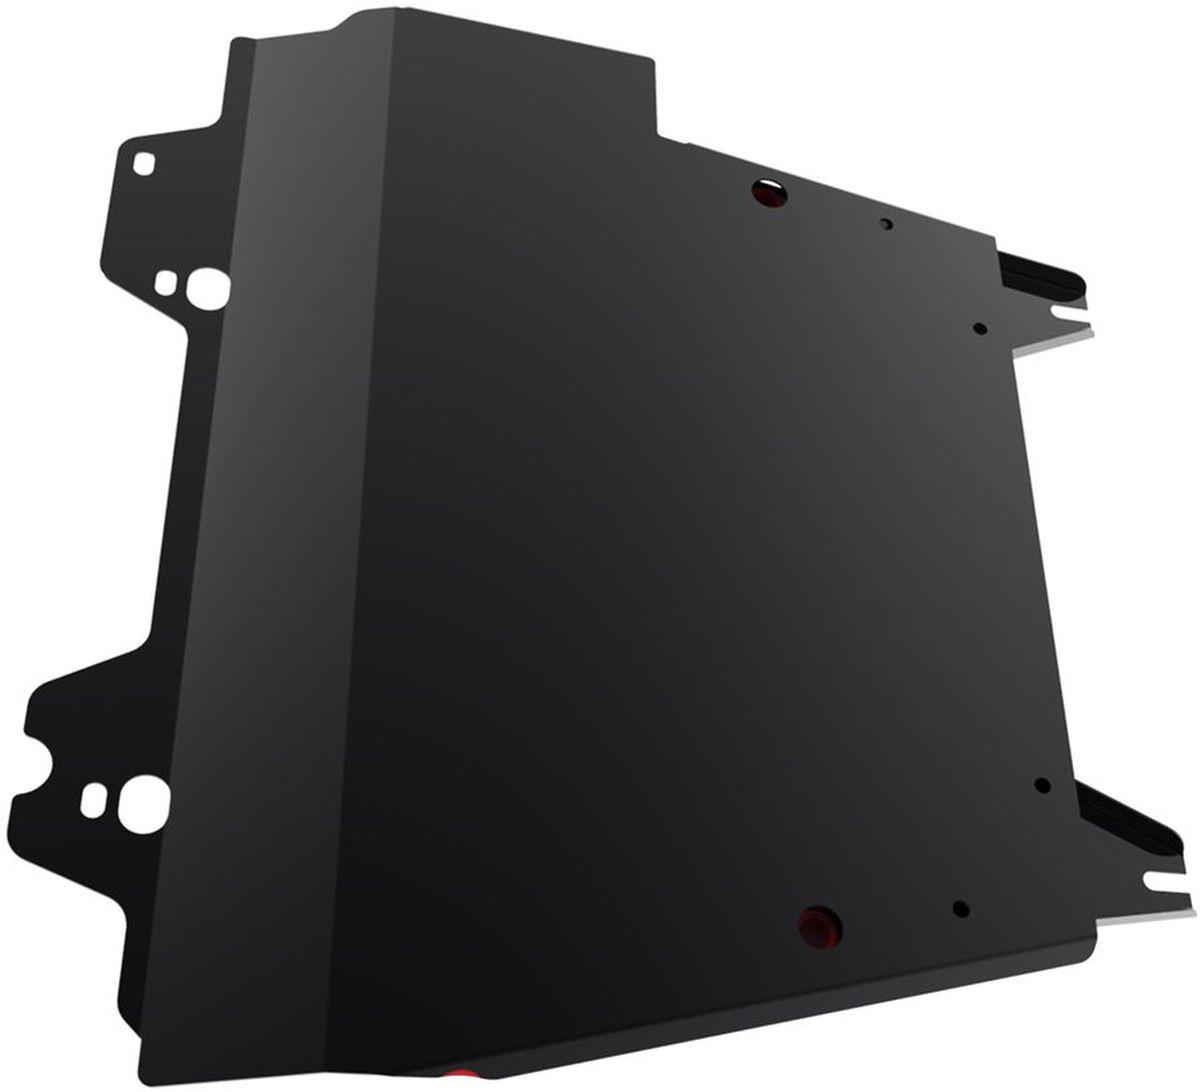 Защита картера и КПП Автоброня, для Nissan Note. 111.04146.1111.04146.1Технологически совершенный продукт за невысокую стоимость. Защита разработана с учетом особенностей днища автомобиля, что позволяет сохранить дорожный просвет с минимальным изменением. Защита устанавливается в штатные места кузова автомобиля. Глубокий штамп обеспечивает до двух раз больше жесткости в сравнении с обычной защитой той же толщины. Проштампованные ребра жесткости препятствуют деформации защиты при ударах. Тепловой зазор и вентиляционные отверстия обеспечивают сохранение температурного режима двигателя в норме. Скрытый крепеж предотвращает срыв крепежных элементов при наезде на препятствие. Шумопоглощающие резиновые элементы обеспечивают комфортную езду без вибраций и скрежета металла, а съемные лючки для слива масла и замены фильтра - экономию средств и время. Конструкция изделия не влияет на пассивную безопасность автомобиля (при ударе защита не воздействует на деформационные зоны кузова). Со штатным крепежом. В комплекте инструкция по...